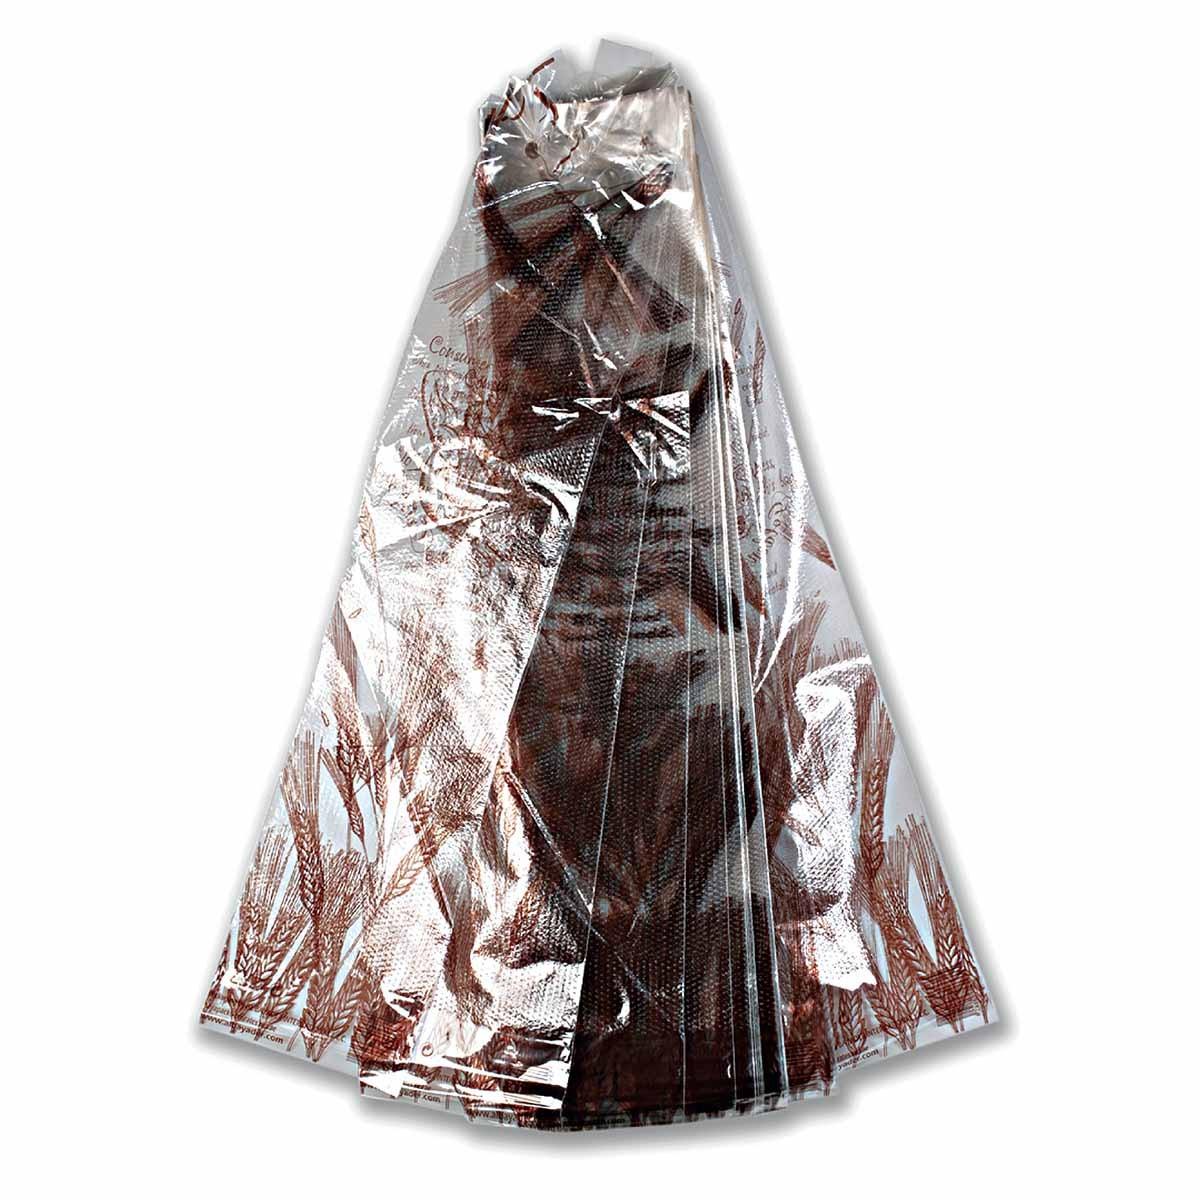 Biodegradable Micro-Perforated Baguette Bag 66x15cm   200pcsx10pkts